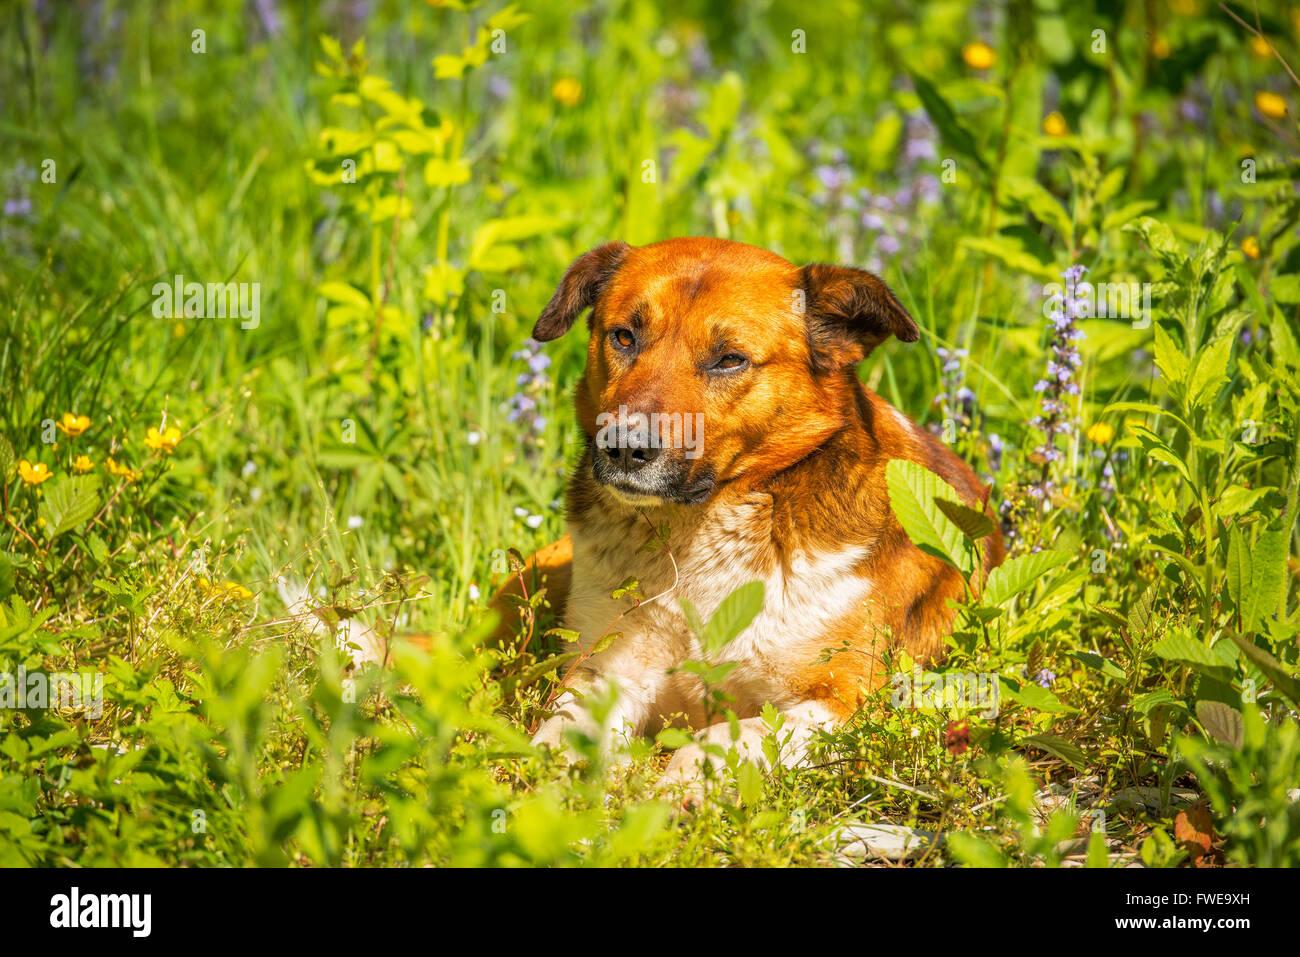 Perro joven tendido en la hierba de prado Imagen De Stock